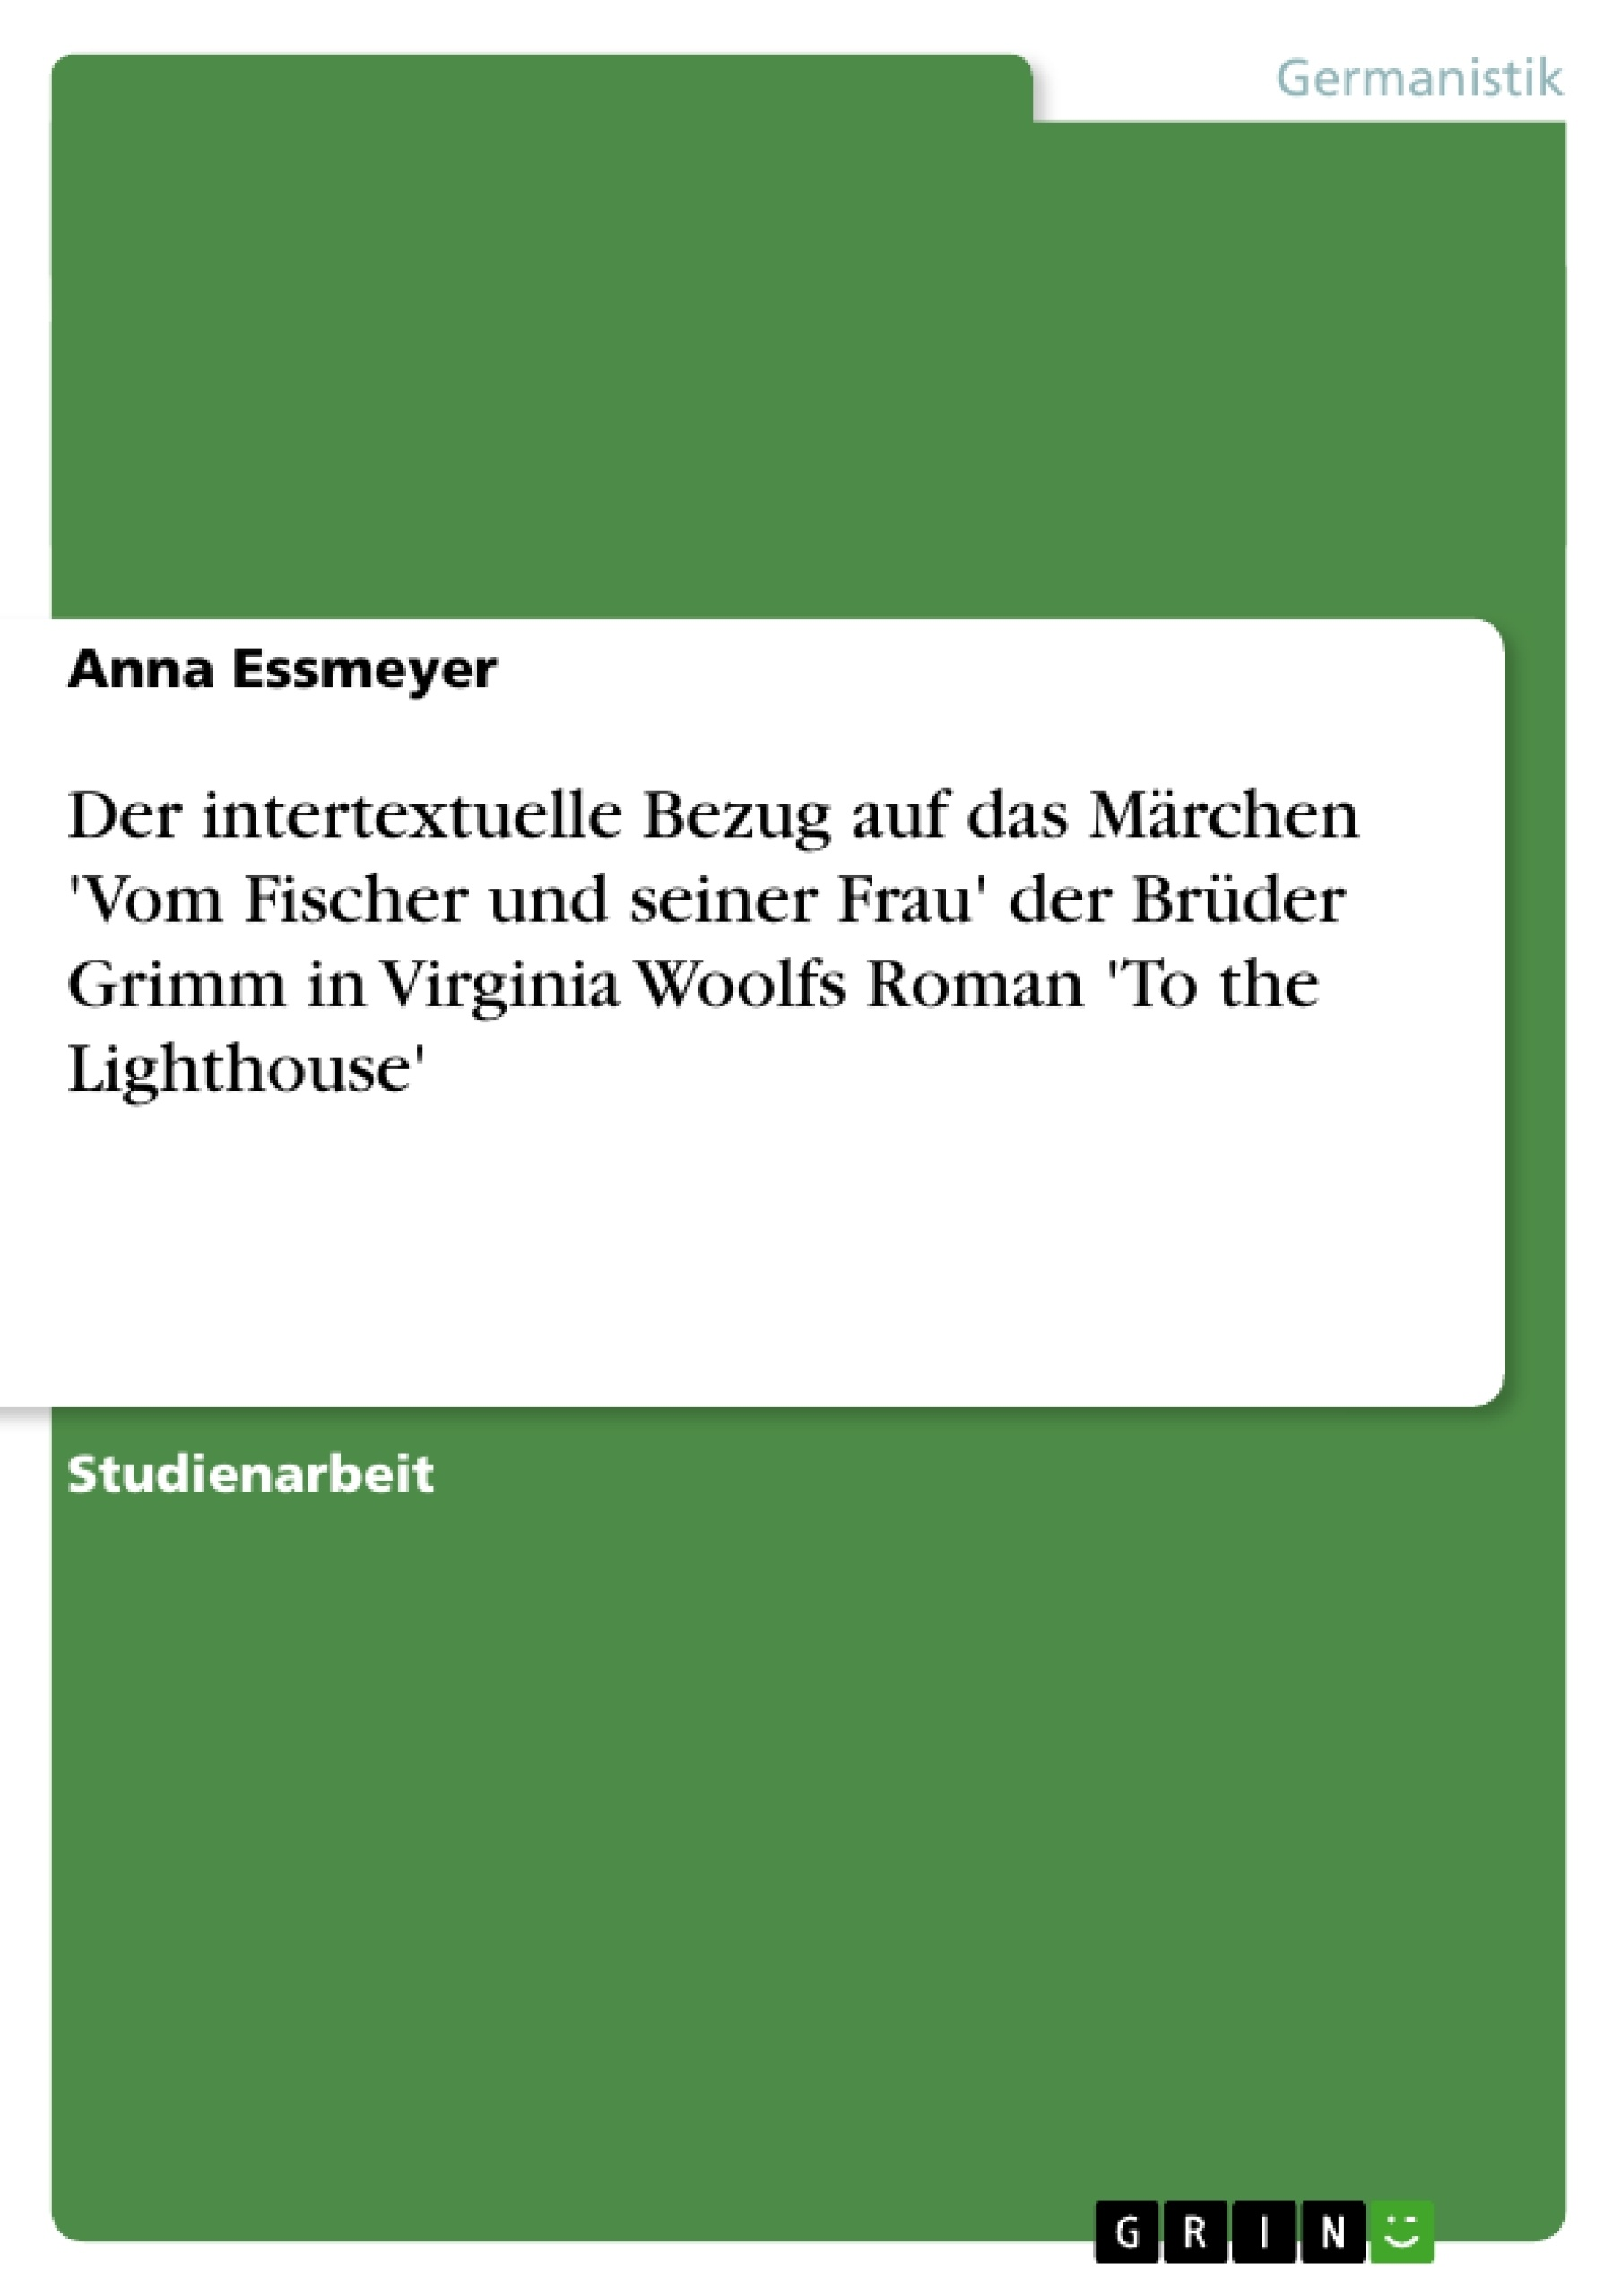 Titel: Der intertextuelle Bezug auf das Märchen 'Vom Fischer und seiner Frau' der Brüder Grimm in Virginia Woolfs Roman 'To the Lighthouse'